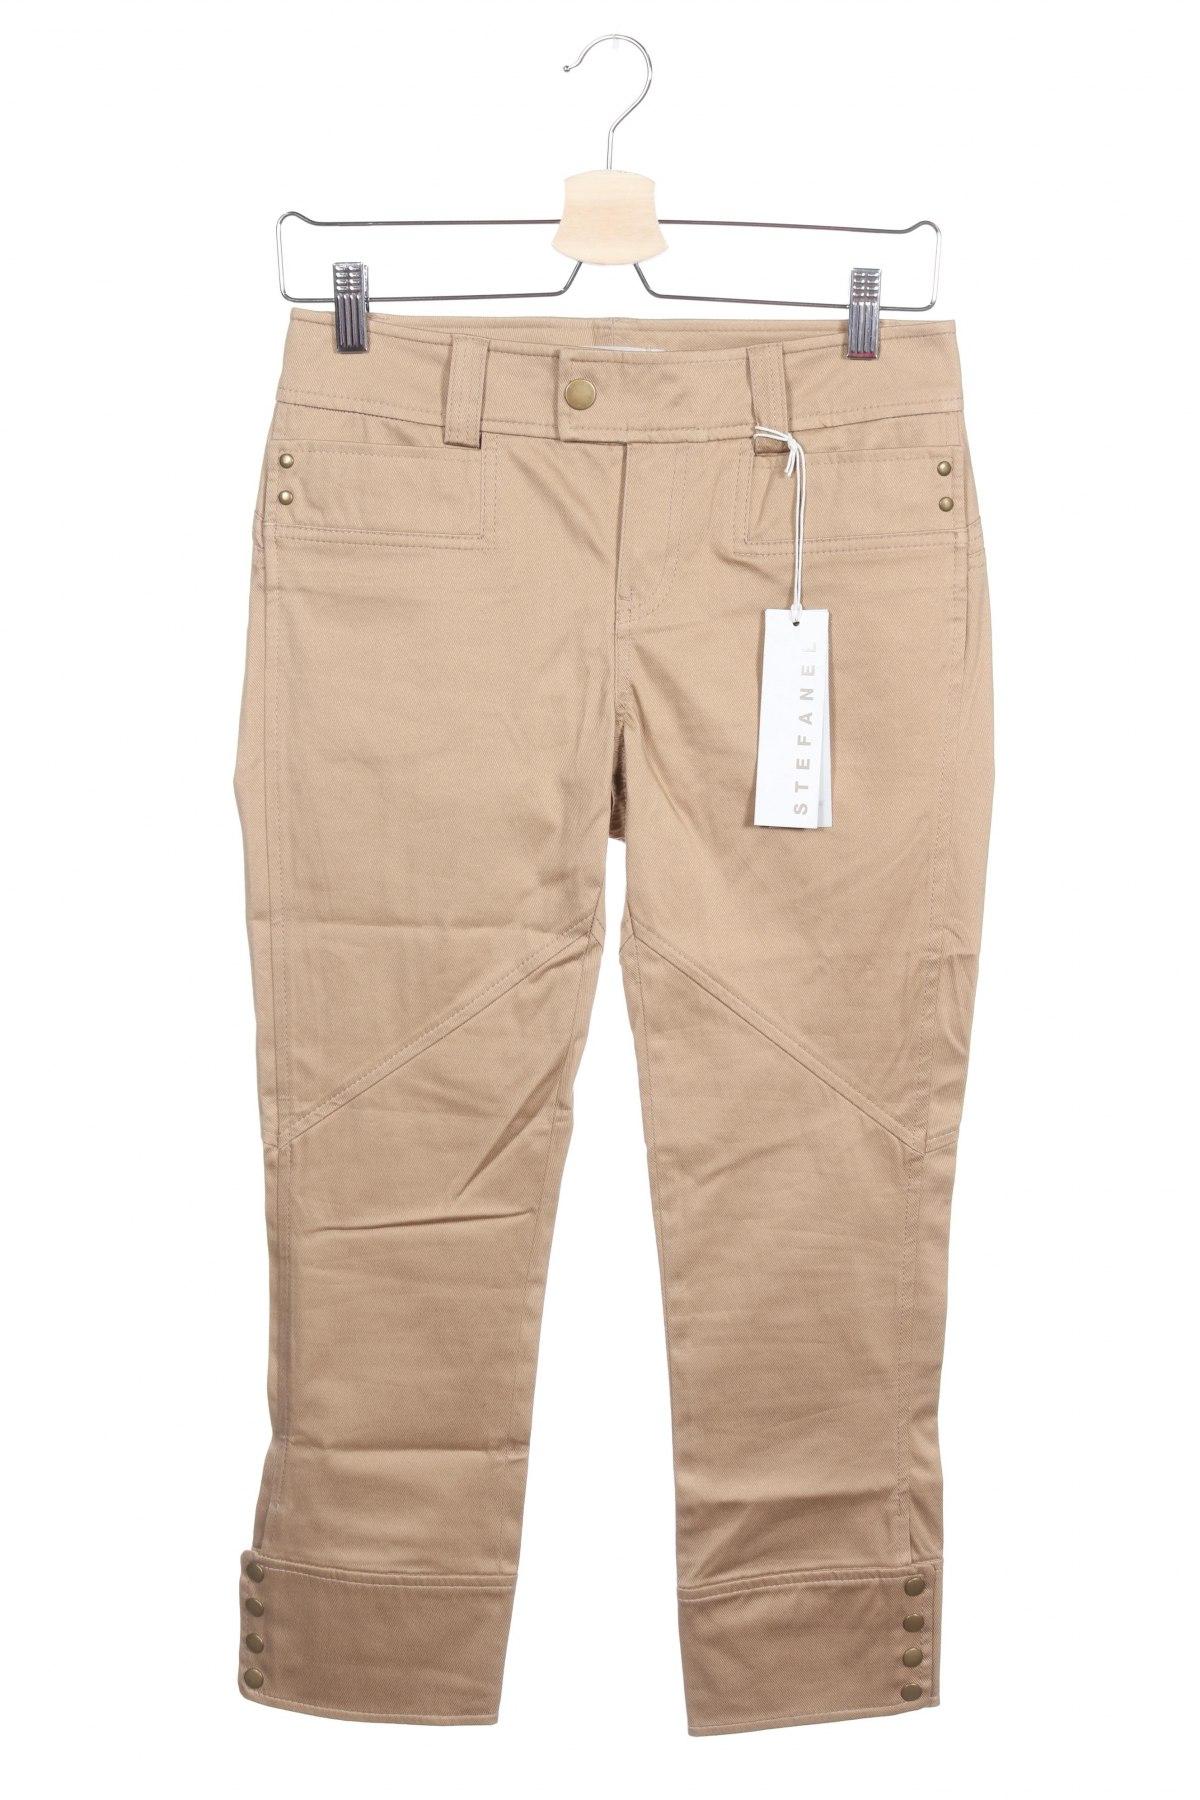 Дамски панталон Stefanel, Размер XS, Цвят Бежов, 97% памук, 3% еластан, Цена 27,51лв.